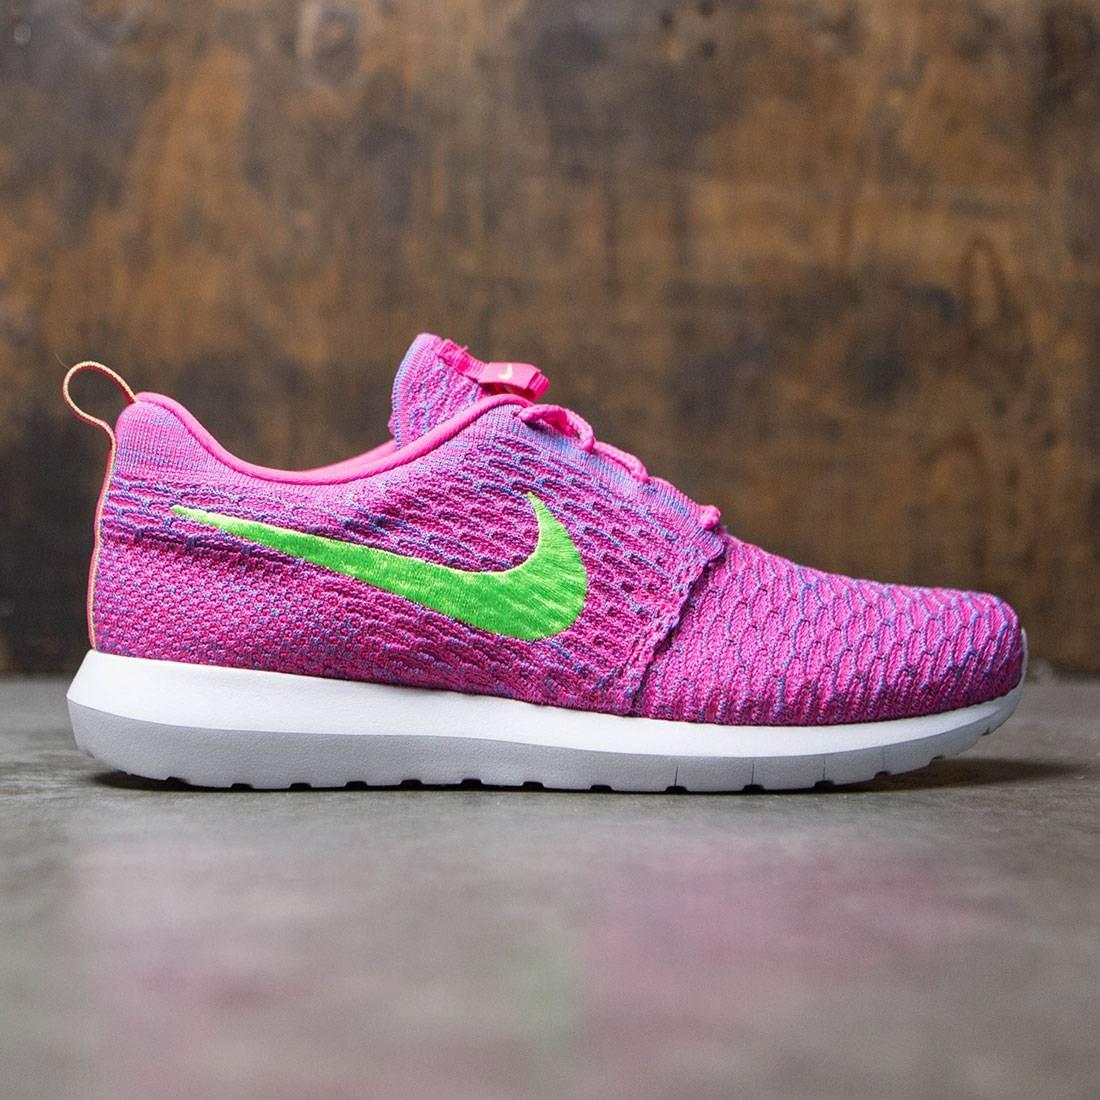 sale retailer 357a9 64fda Nike Men Flyknit Roshe Run pink blue neon